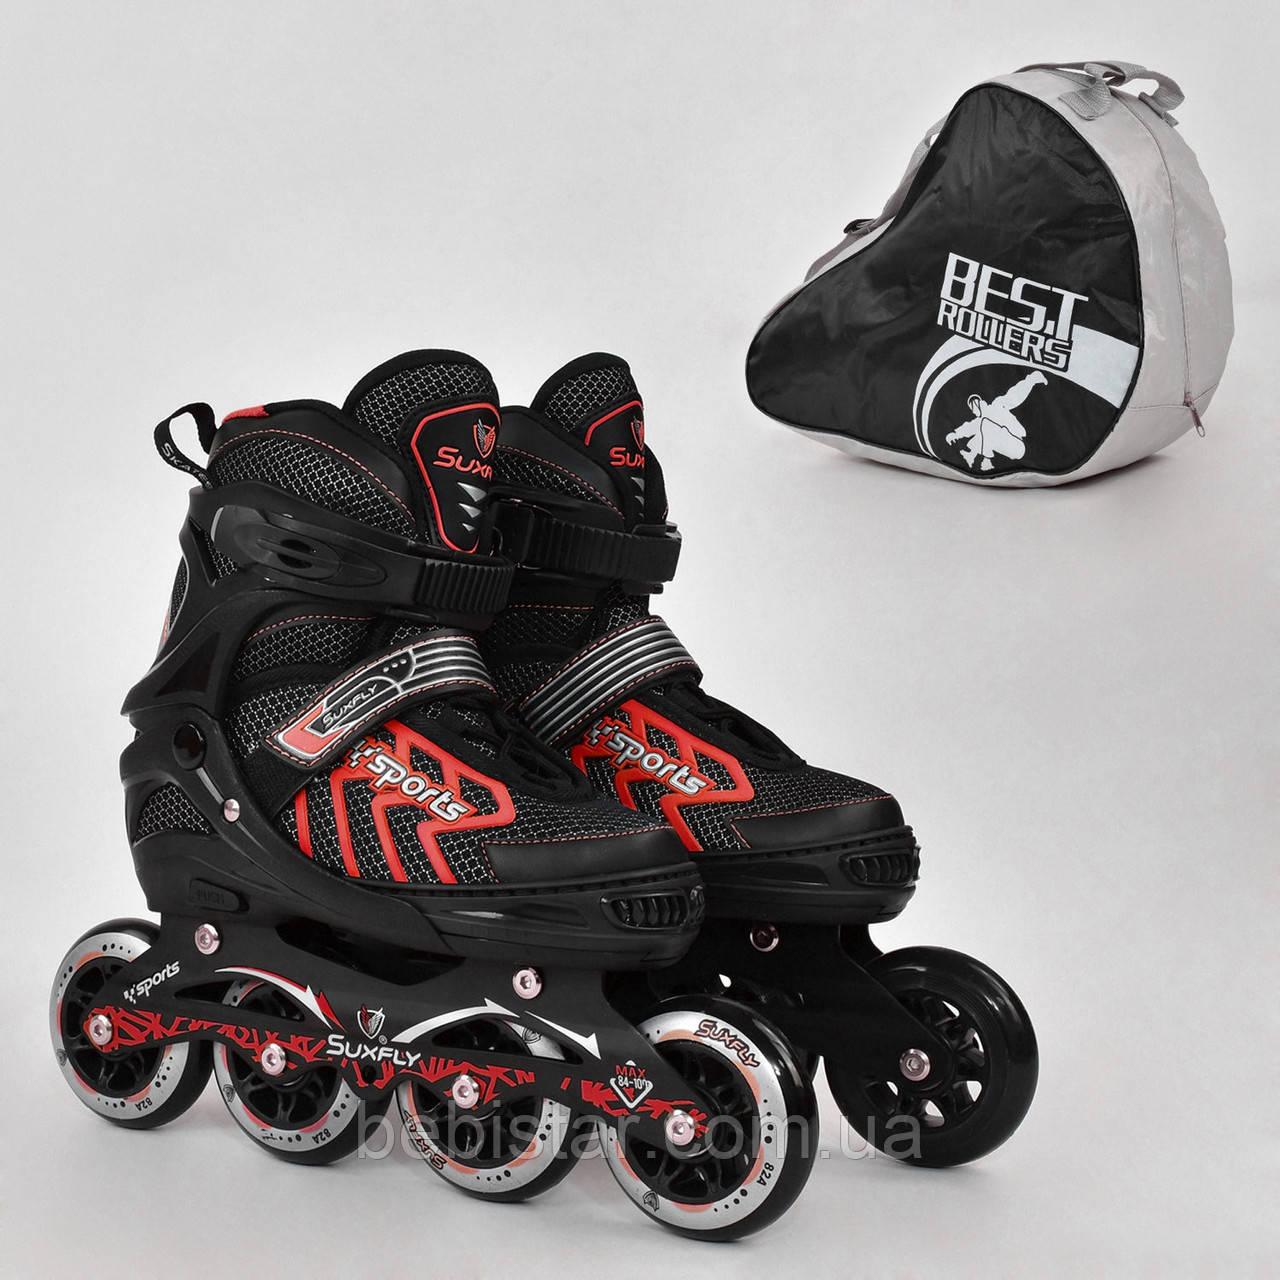 Детские роликовые коньки черные 9015 L Best Roller размер 39-42 полиуретановые колеса